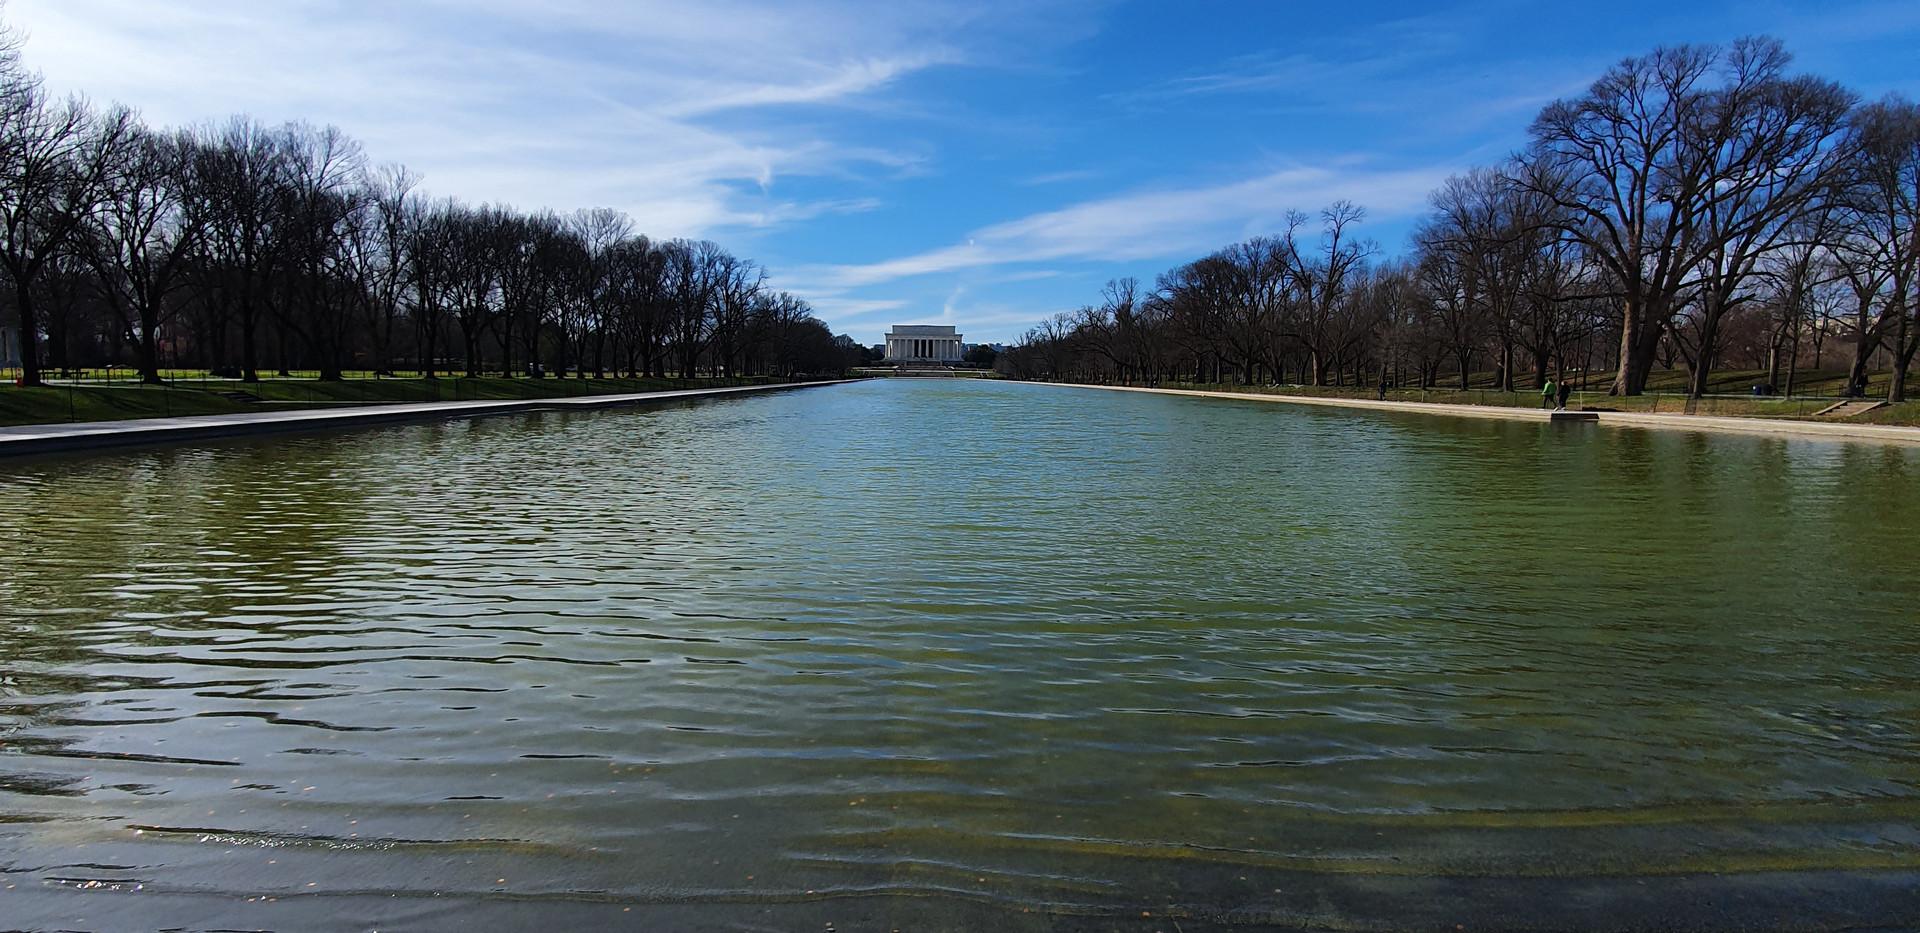 Reflecting Pool - Lincoln Memorial ao fundo